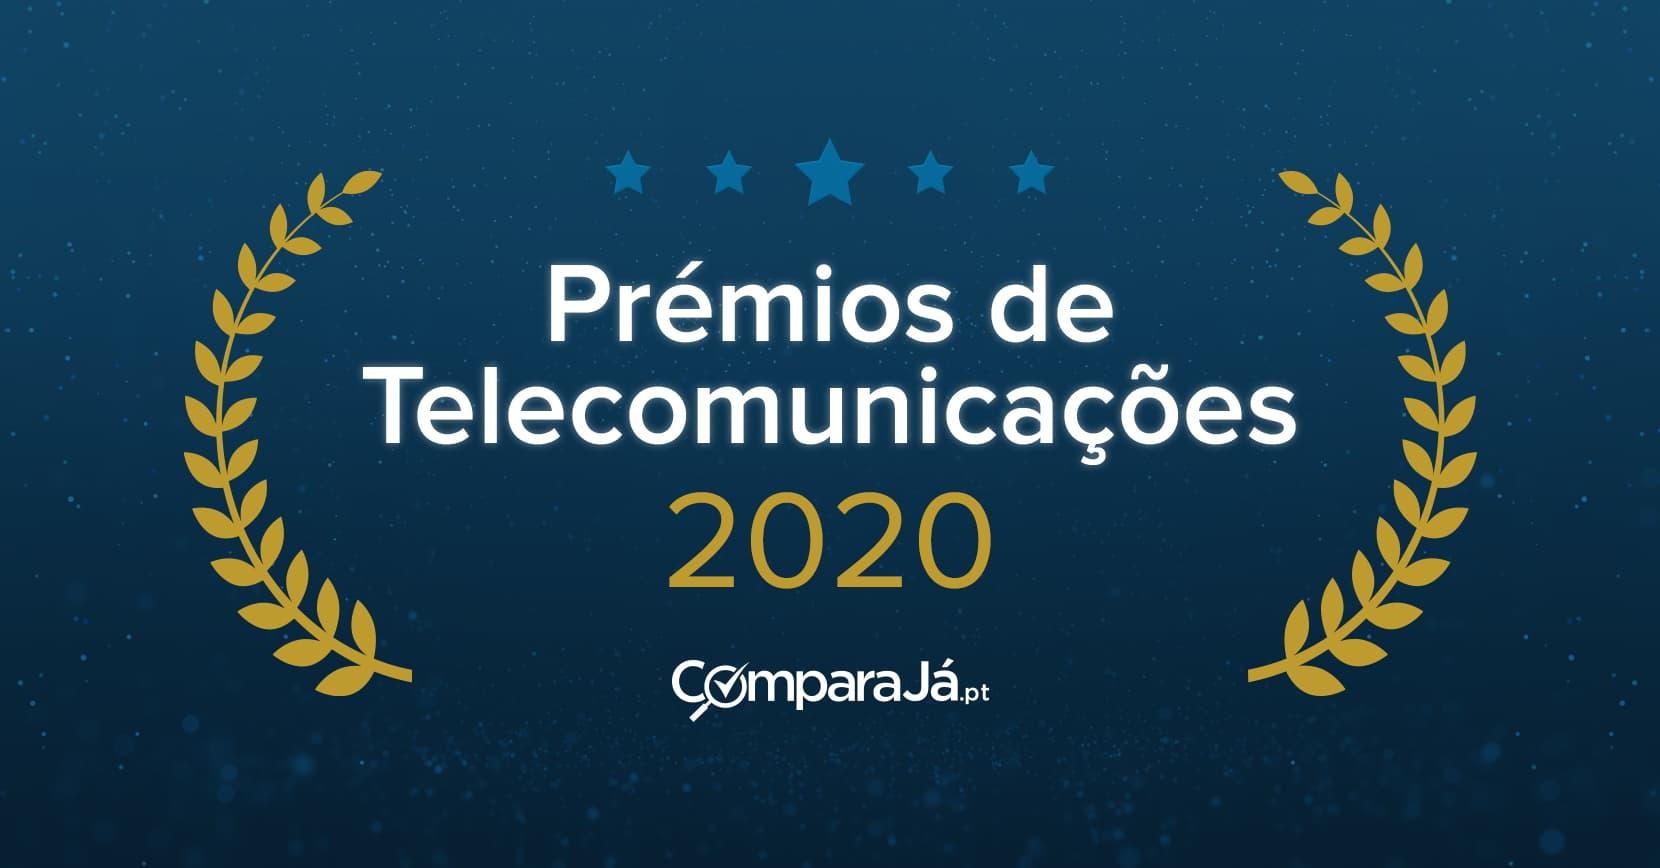 Prémios de Telecomunicações 2020